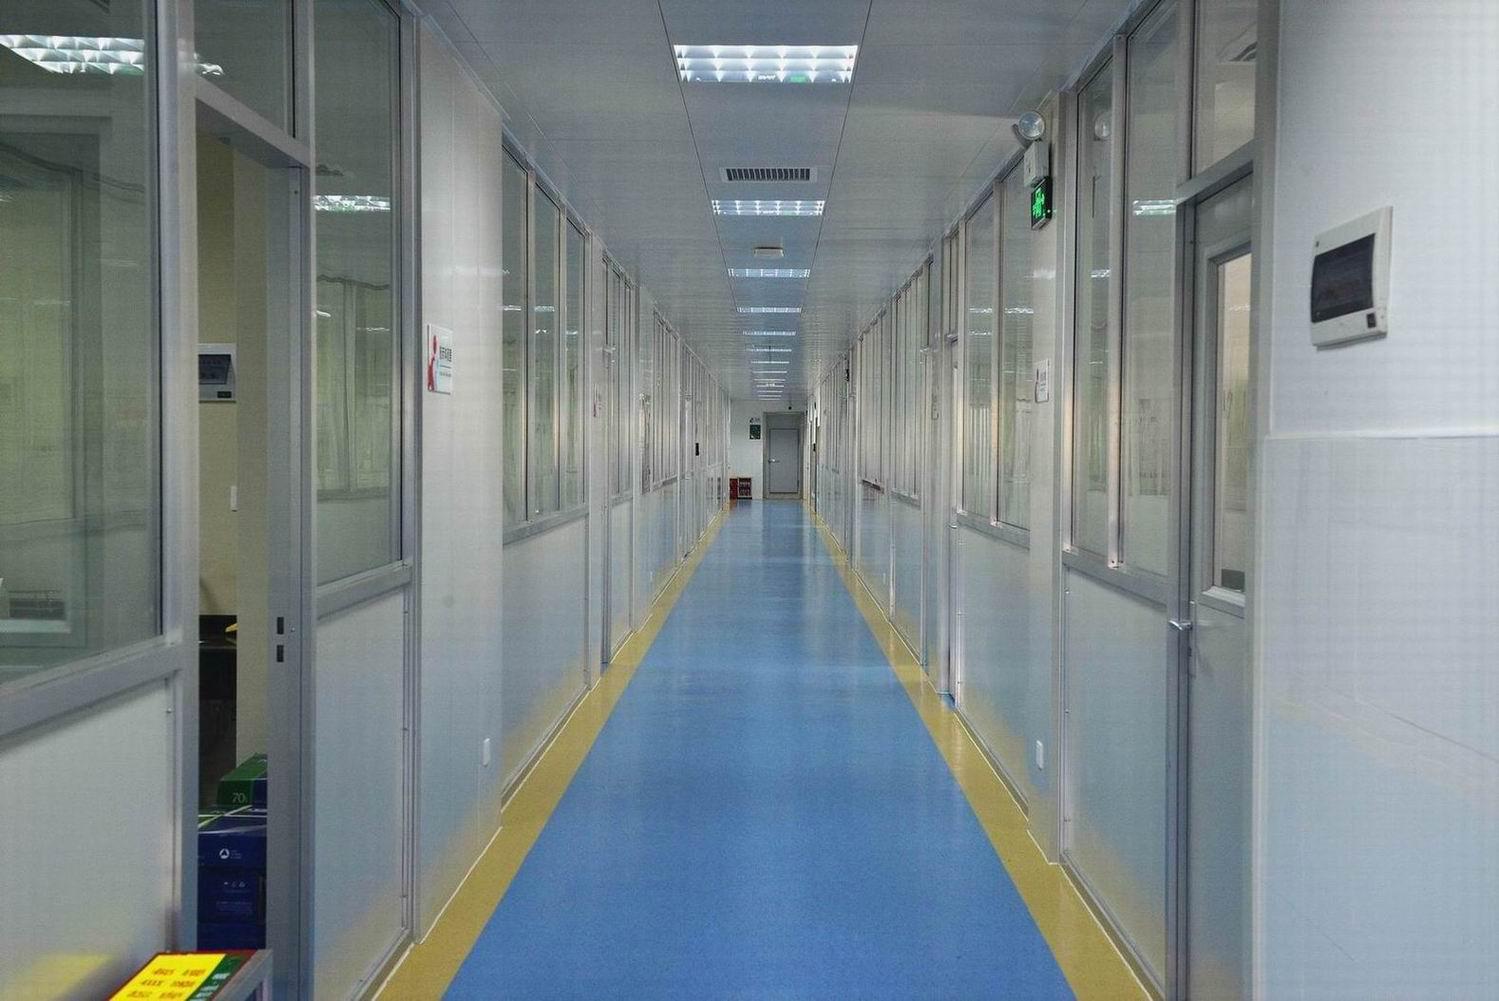 近日,我院检验科完成全面的装修改造,焕然一新。 医学实验室环境、设施管理的好坏直接影响着检测结果的质量,同时实验室生物安全的有效管理是对保证工作人员和环境免受感染或污染的关键。我院医技楼检验科启用于1995年,随着我院二十多年的高速发展,原有的实验室布局、结构和设施等已远远不能满足现代医学实验室的要求。在医院领导大力支持下,经过我院相关部门、检验科和施工方等多方的积极努力,在不影响日常检验工作的前提下针对实验室环境和设施进行了一系列的改造。  检验科的整体布局按照医学实验室生物安全标准,在科室内部划分污染